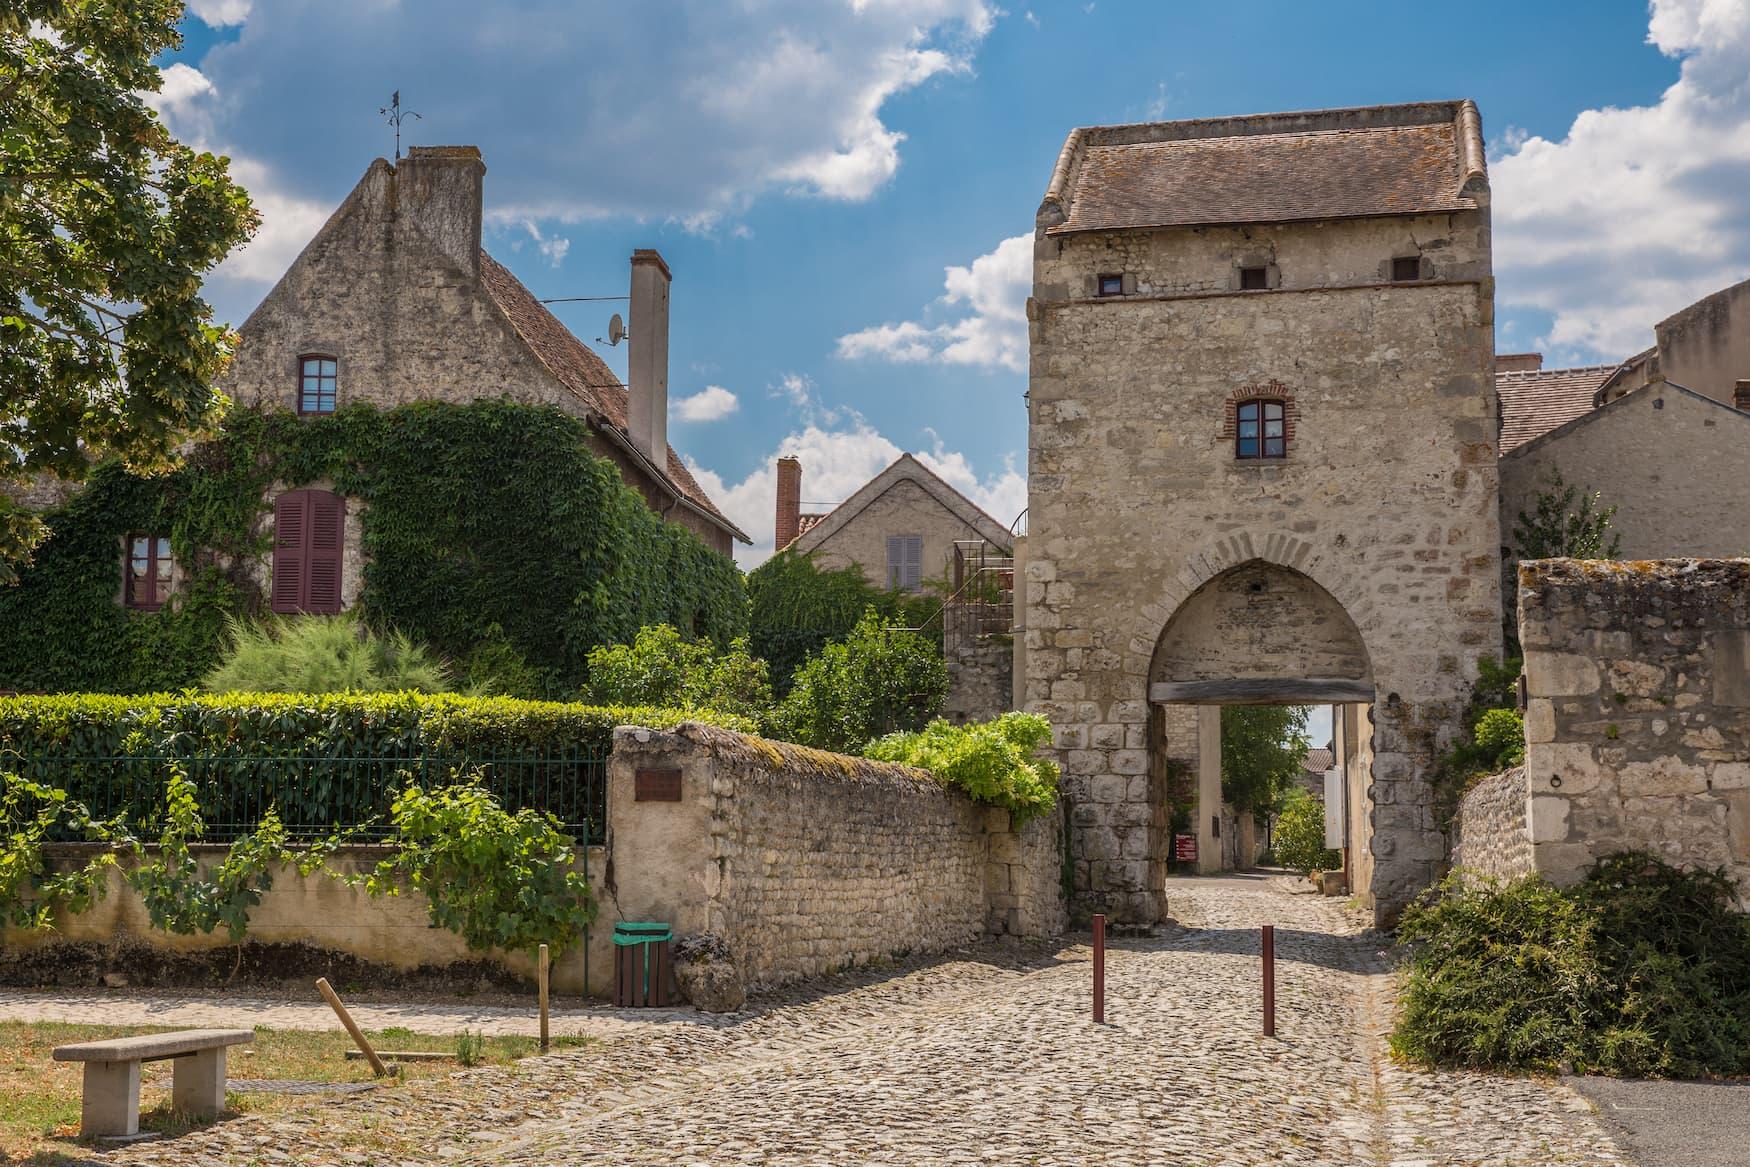 Charroux ist ein schönes mittelalterliches Dorf in der Auvergne in Frankreich